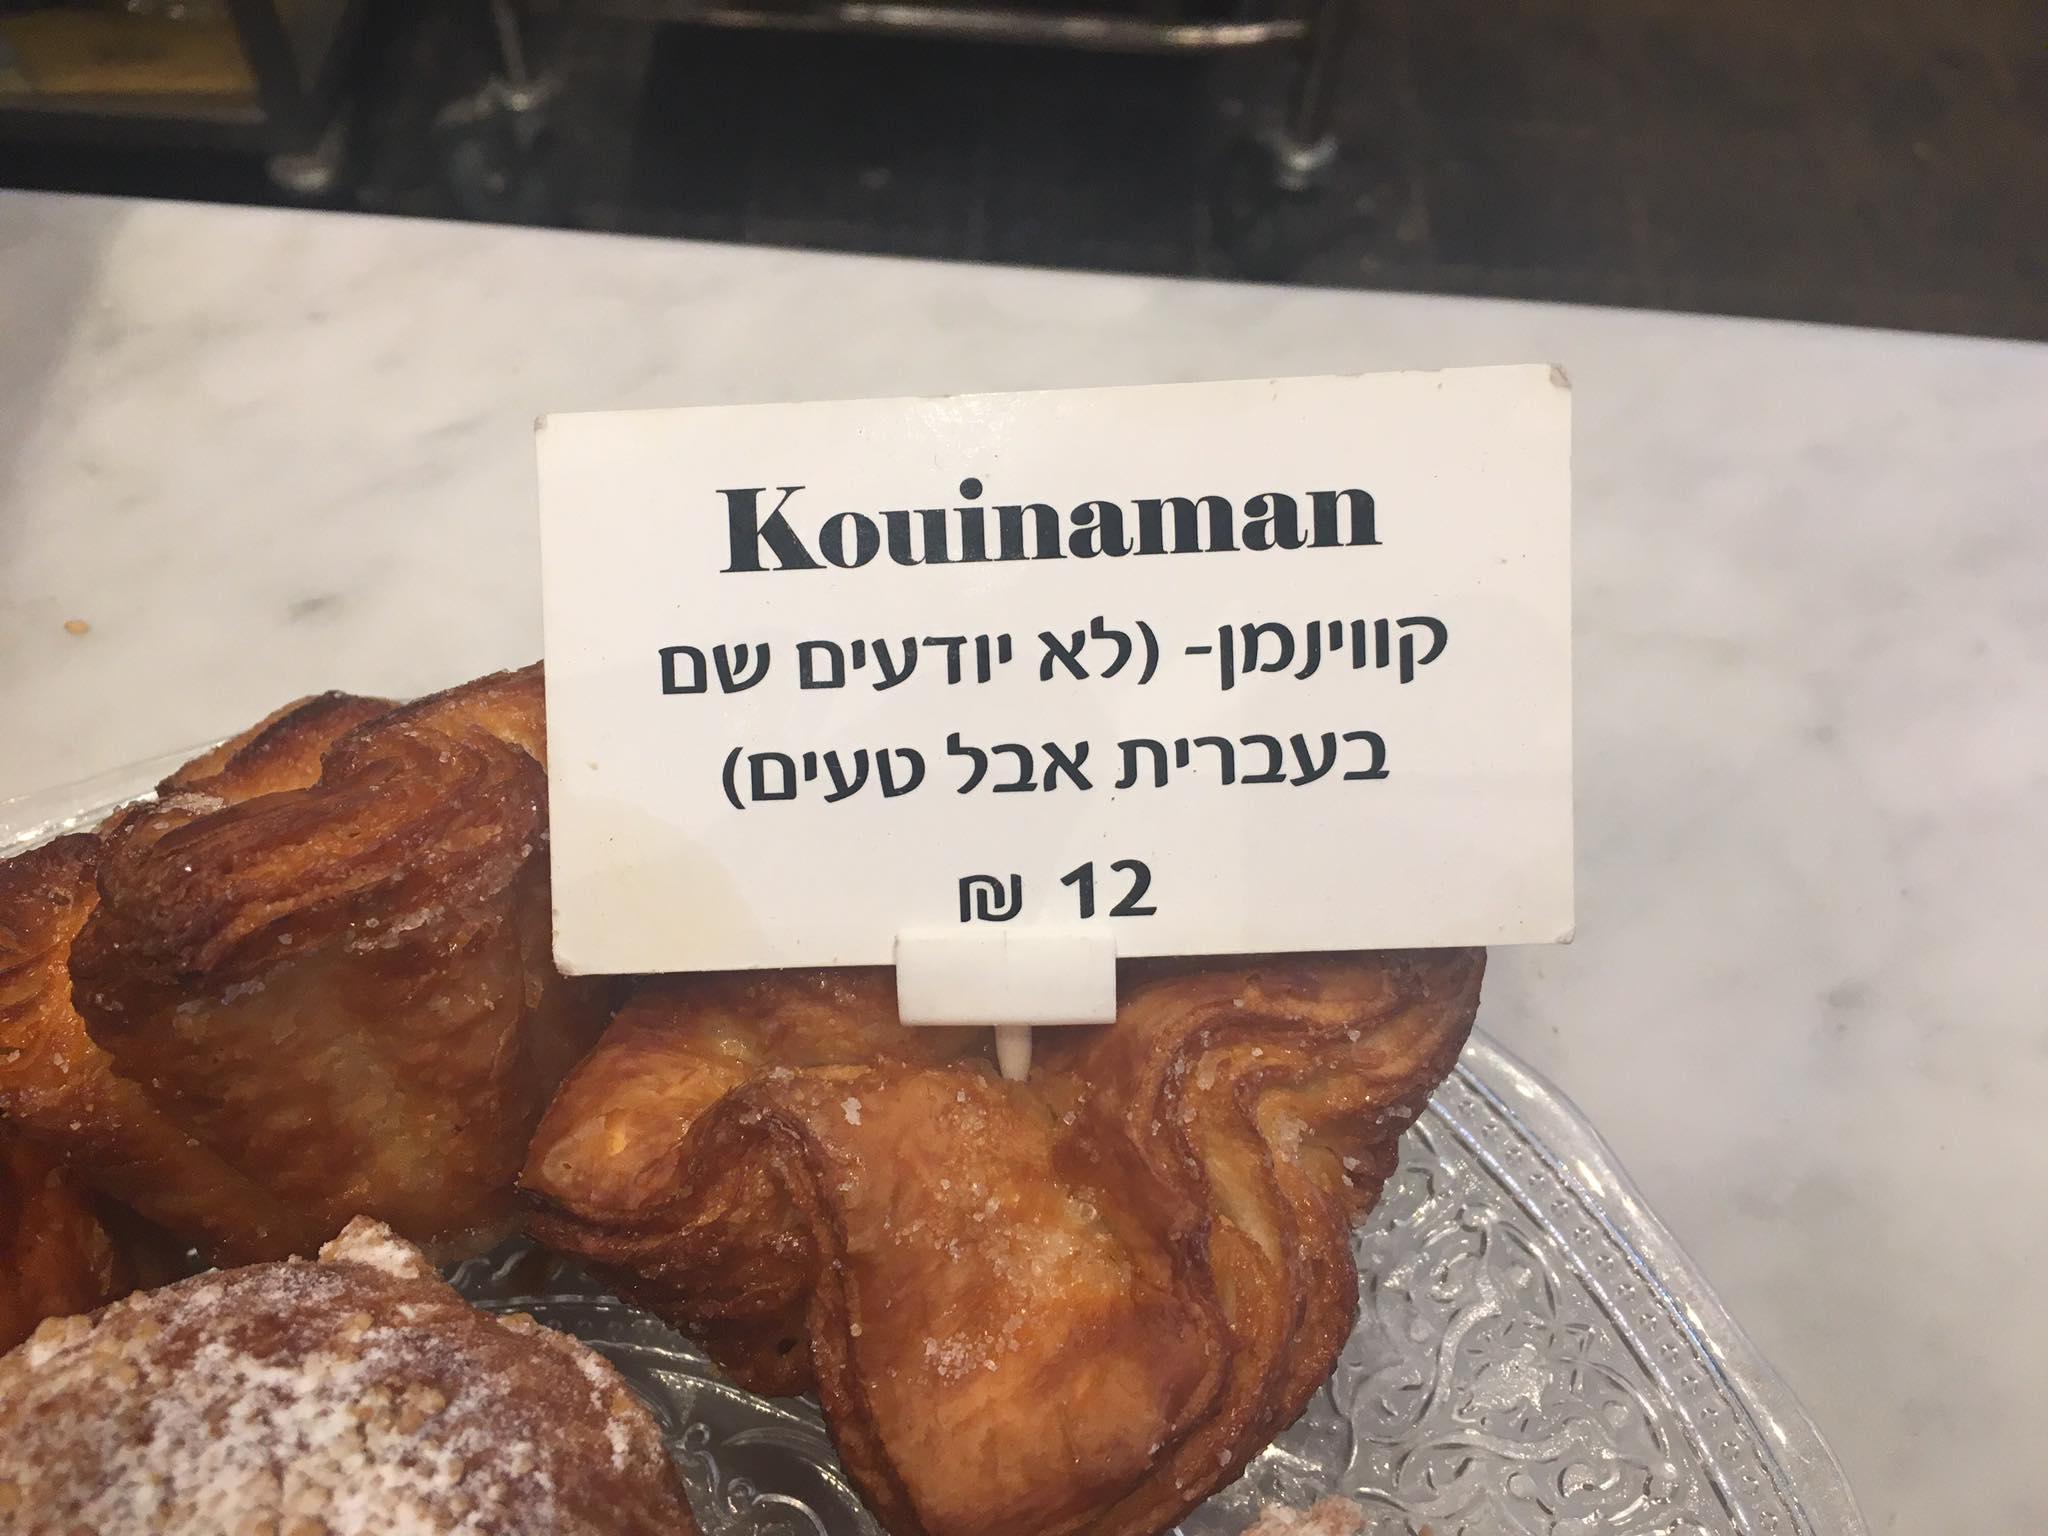 Kobi Aharoni A - שלטים מצחיקים